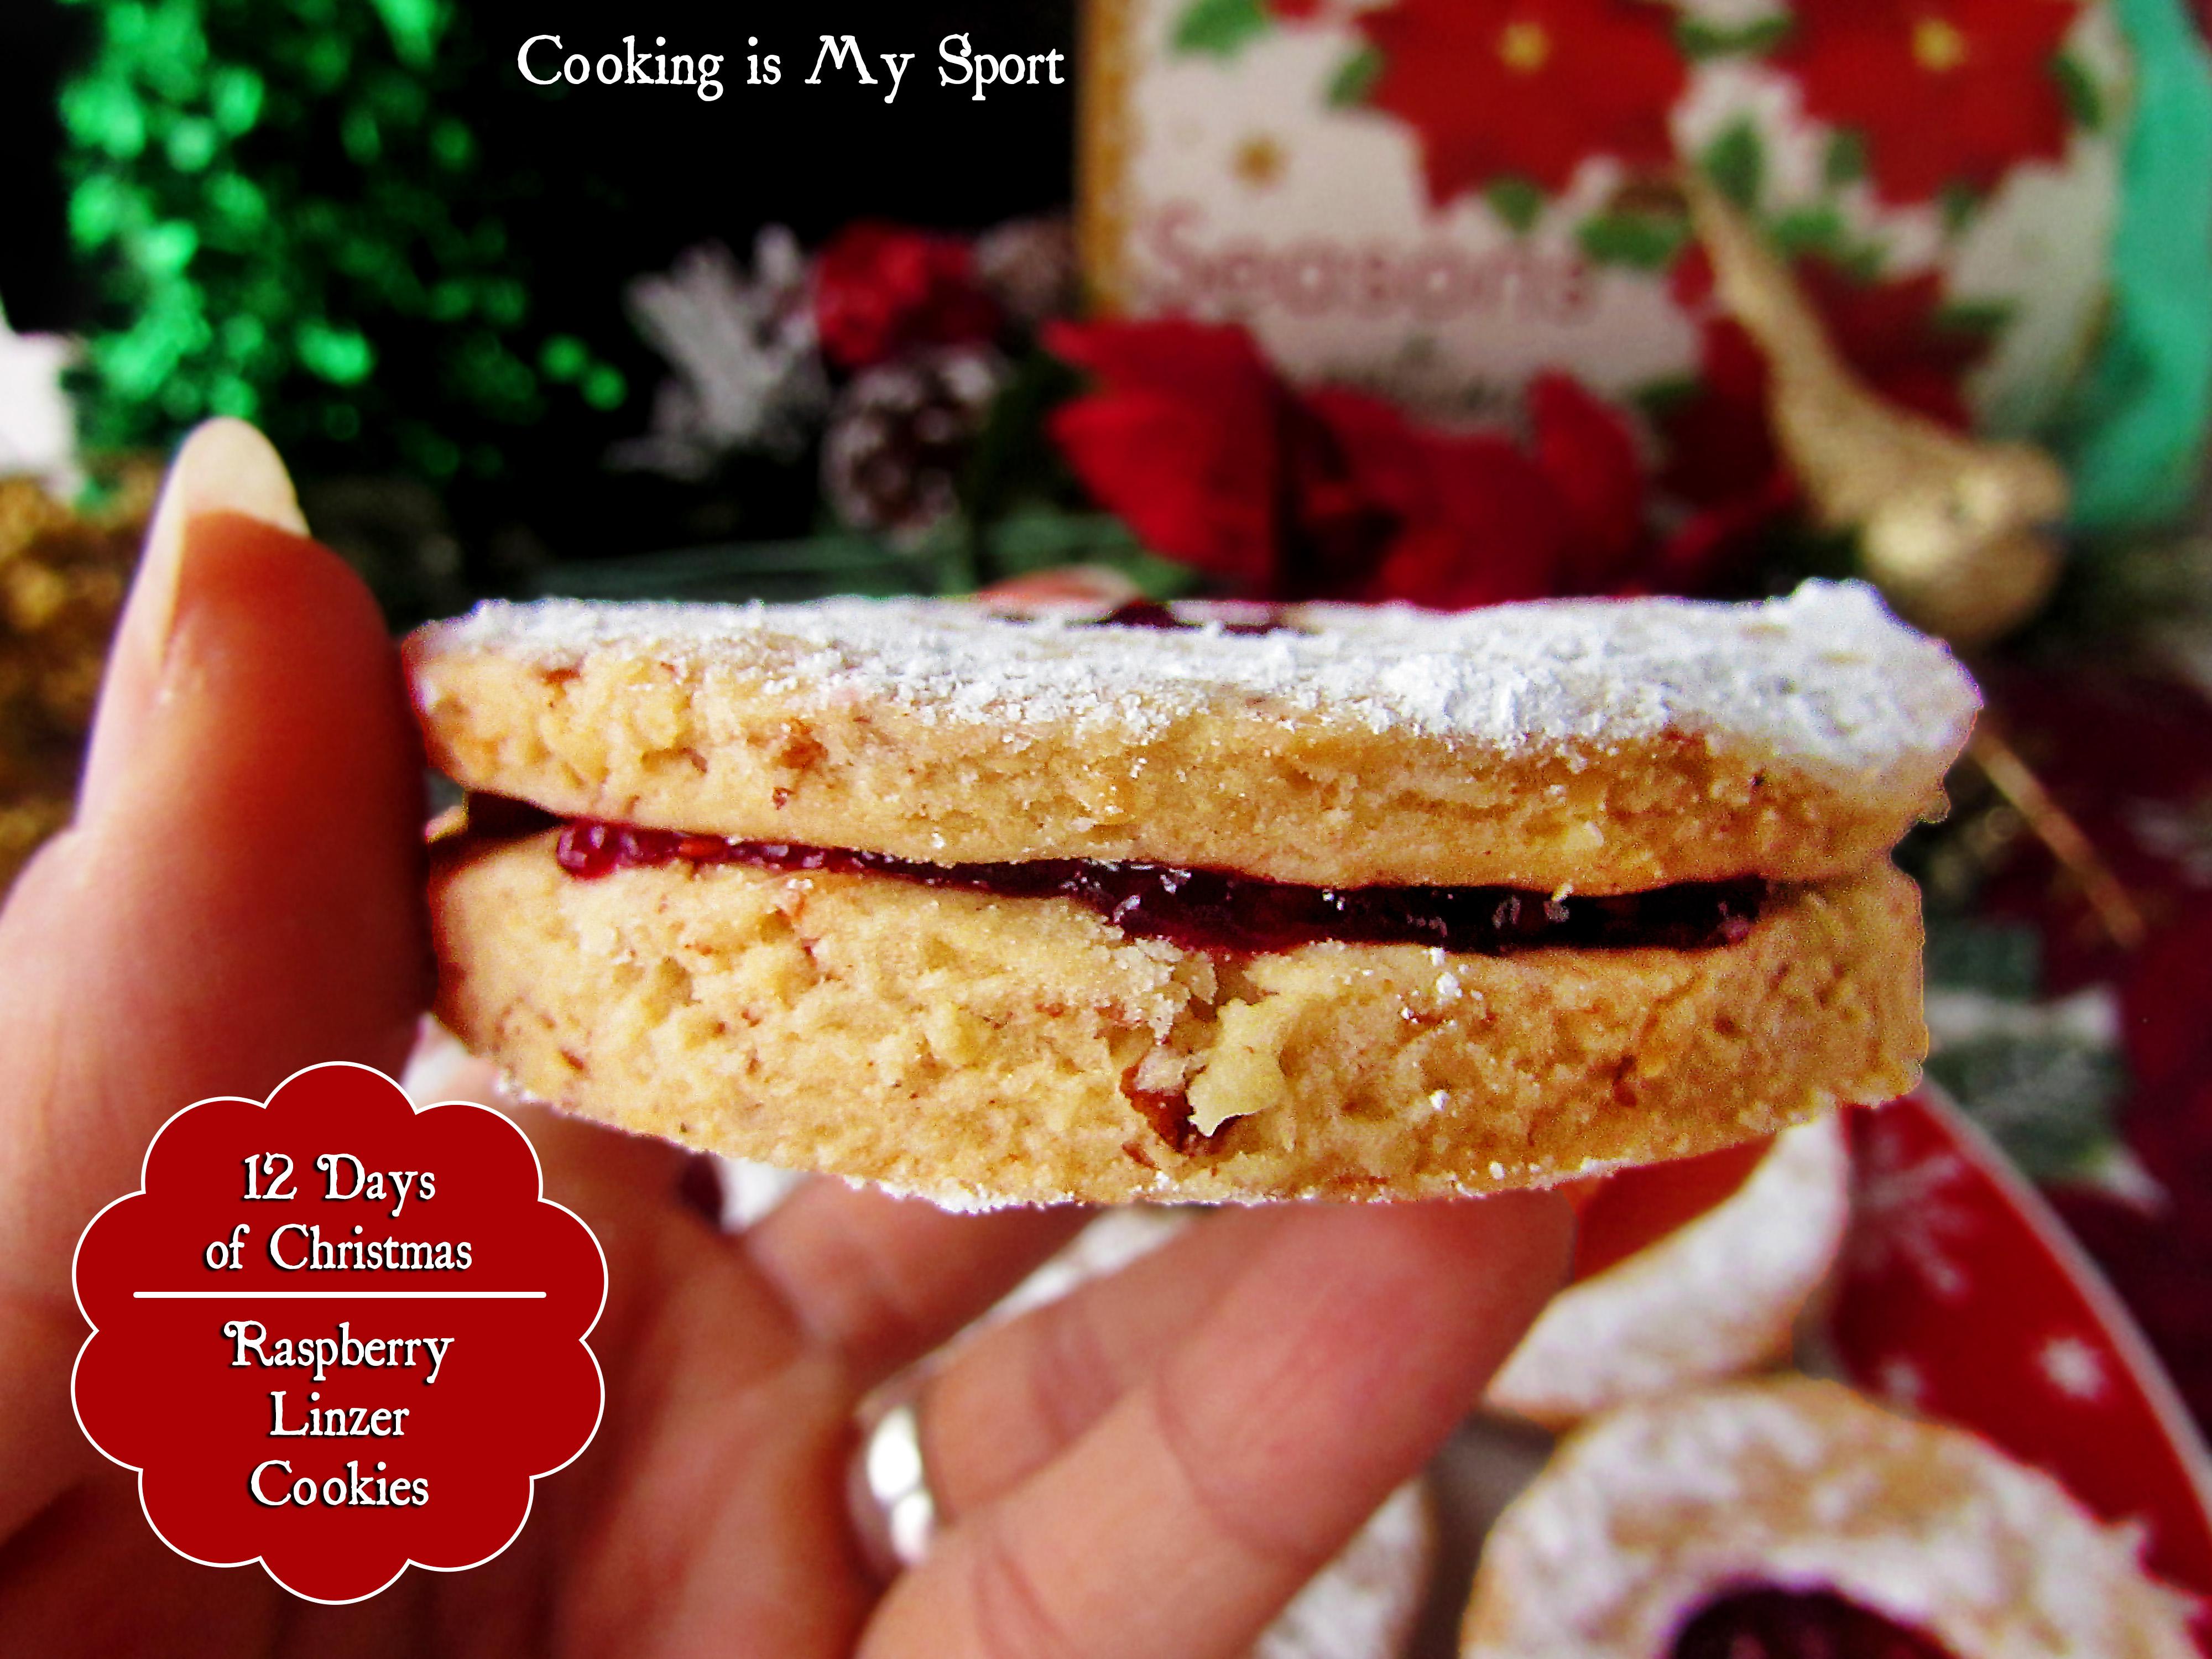 Raspberry Linzer Cookies4